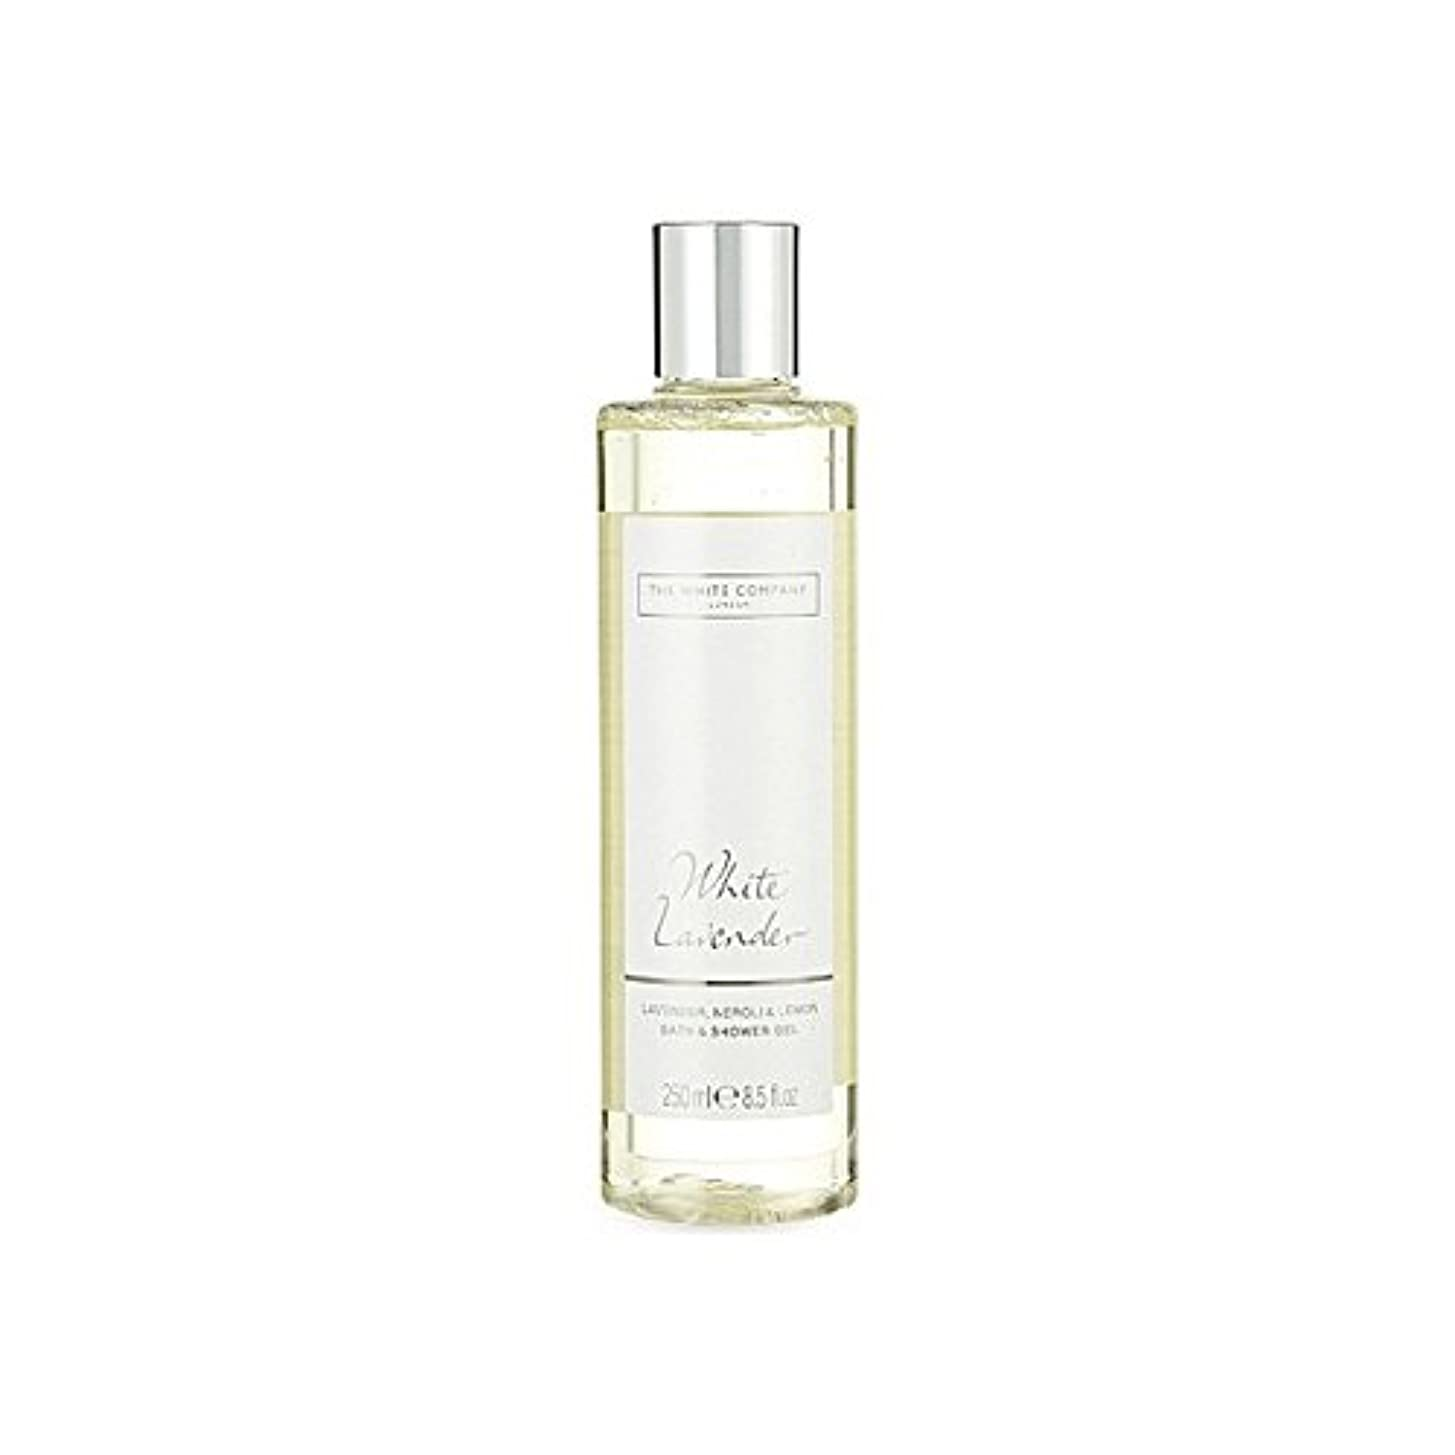 意図する効果所属白同社白ラベンダーのバス&シャワージェル x4 - The White Company White Lavender Bath & Shower Gel (Pack of 4) [並行輸入品]